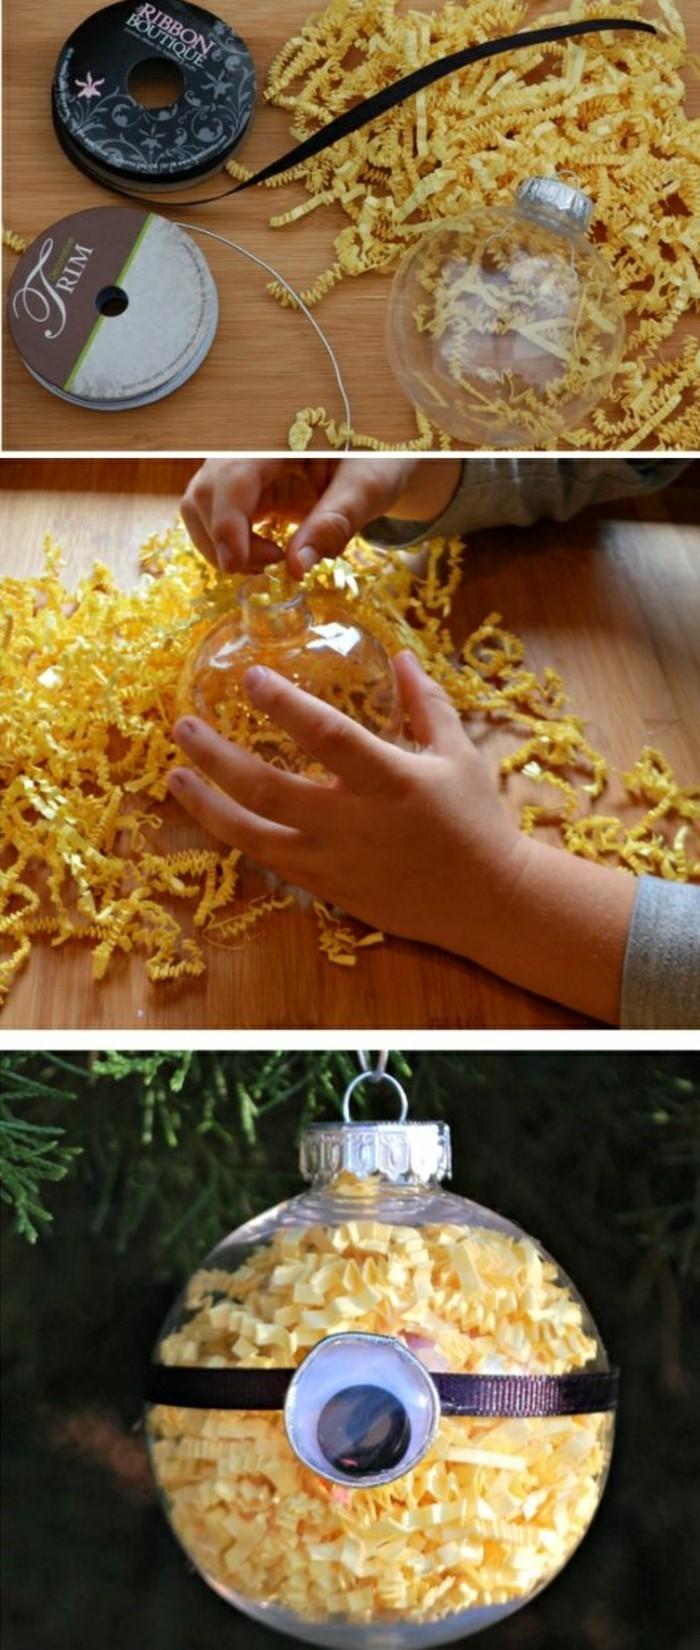 weinachtsbastelideen-weihnachtkigeln-gelbes-papier-schwarze-schleife-minion